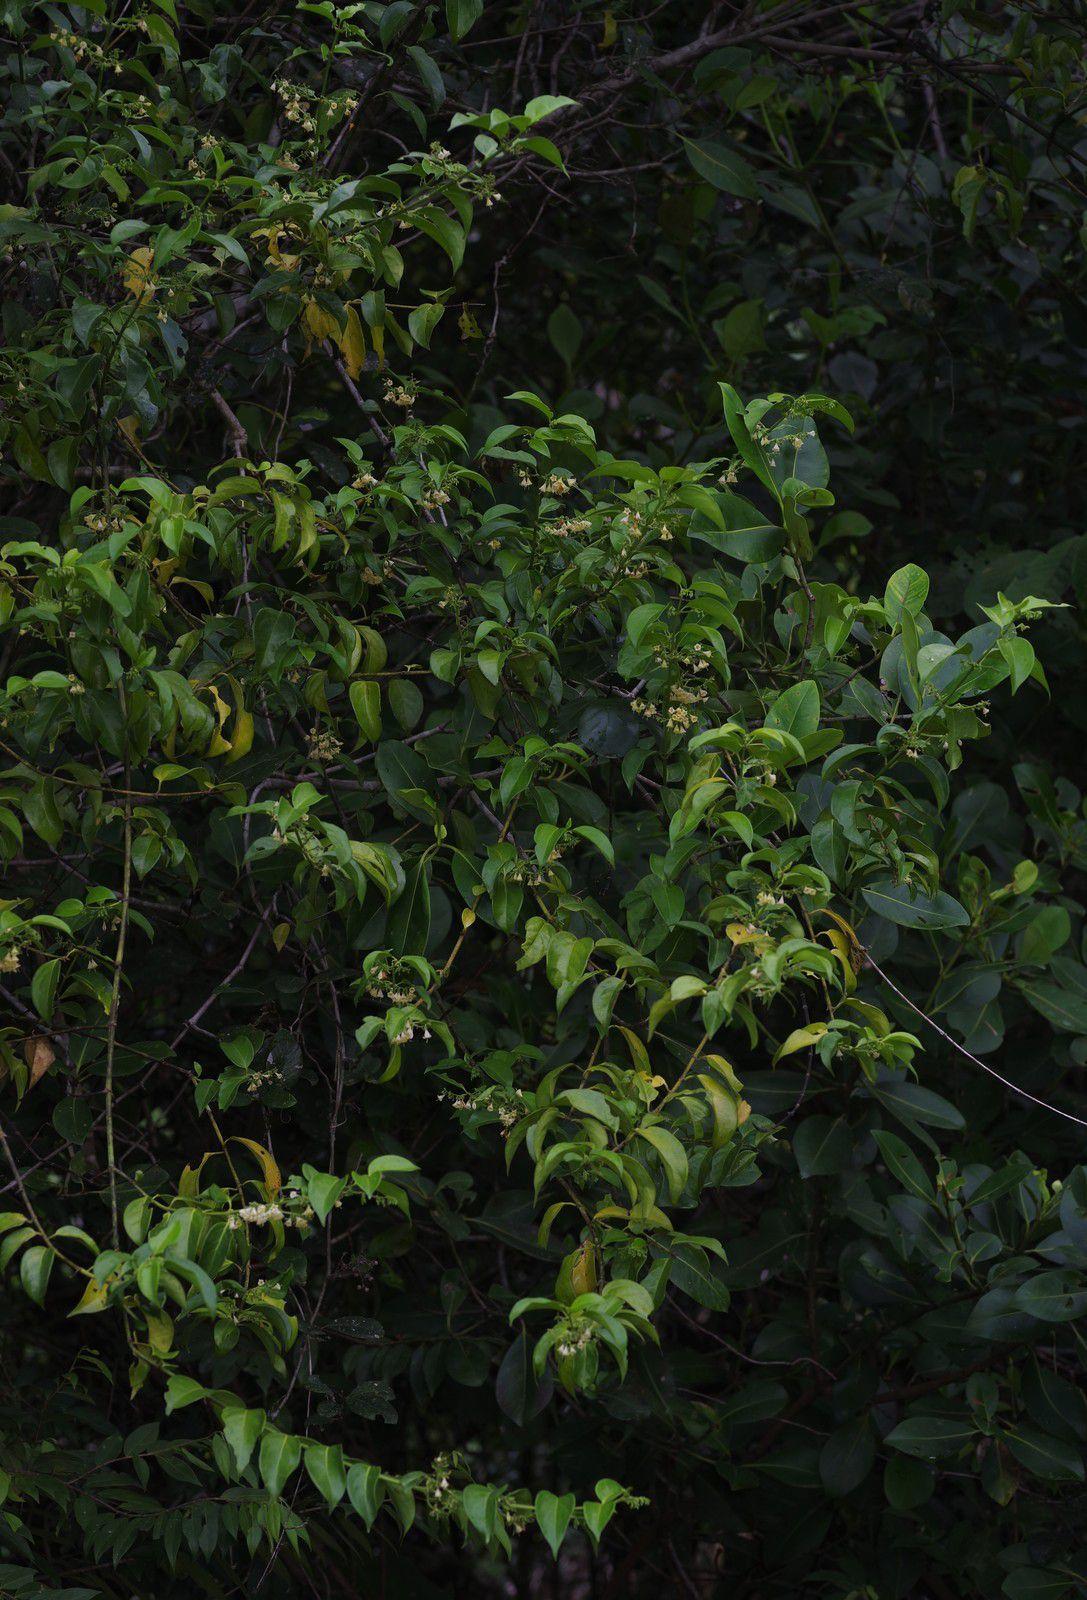 Chiococca alba